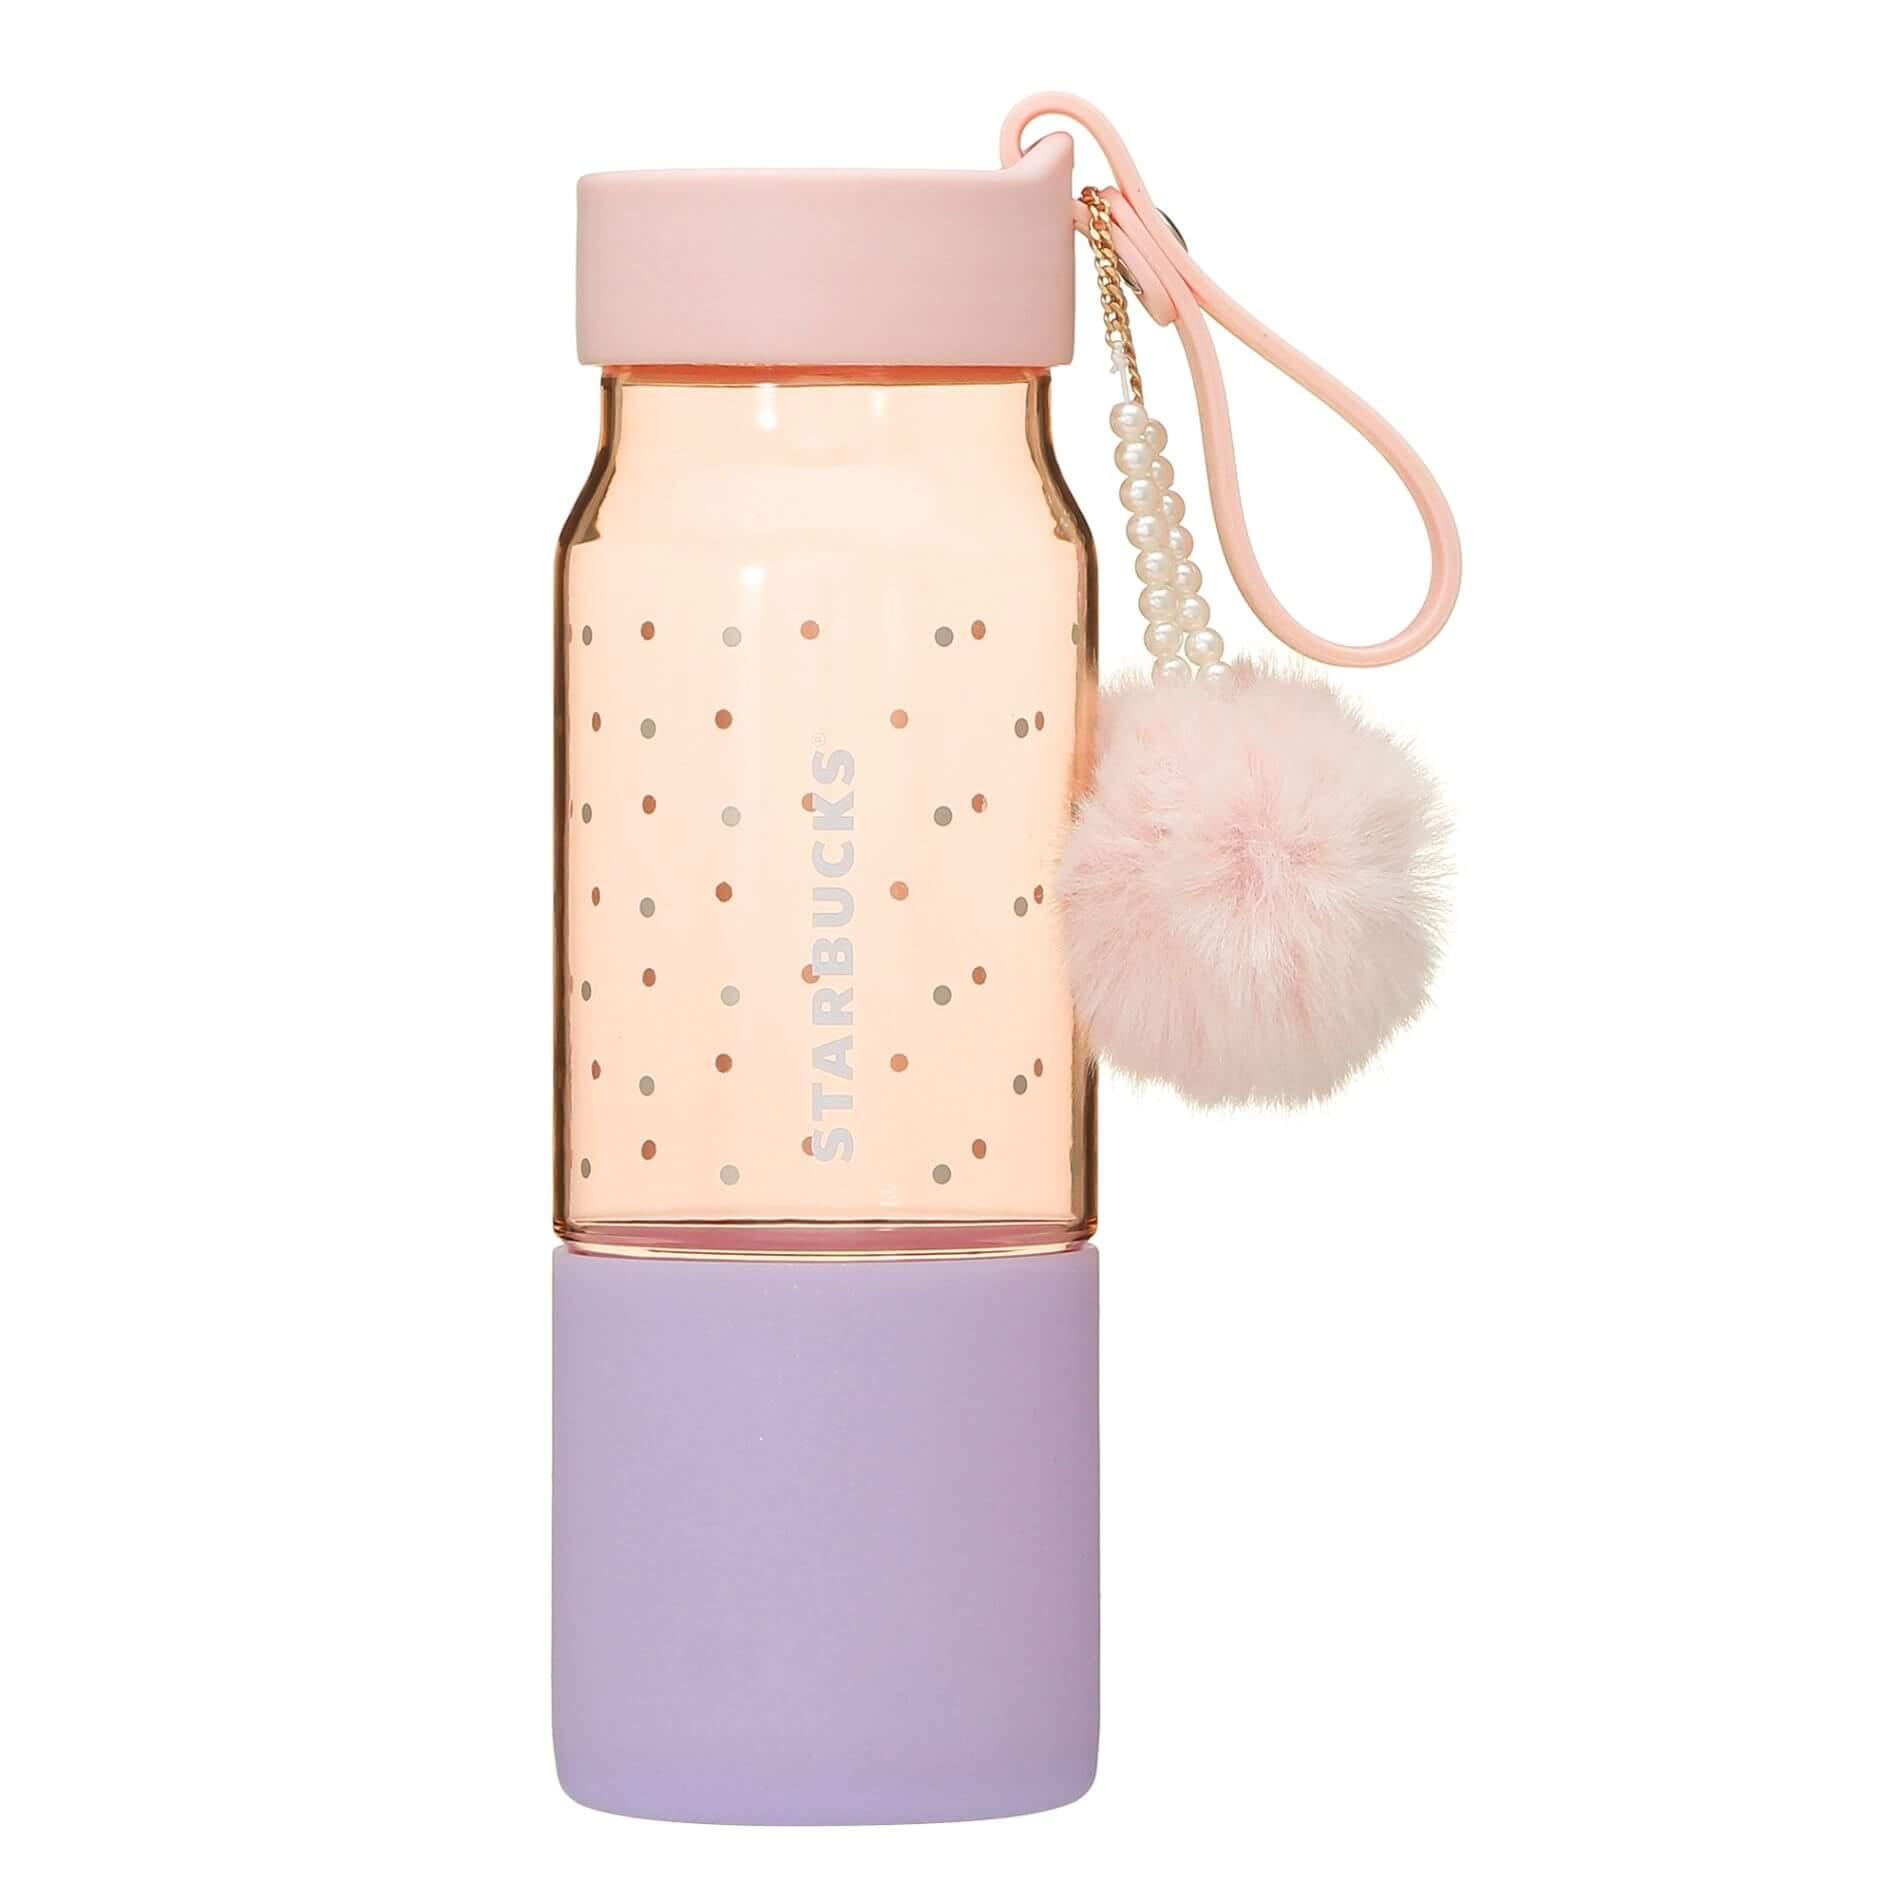 Holiday 2020 Bottle Pom Pom Charm